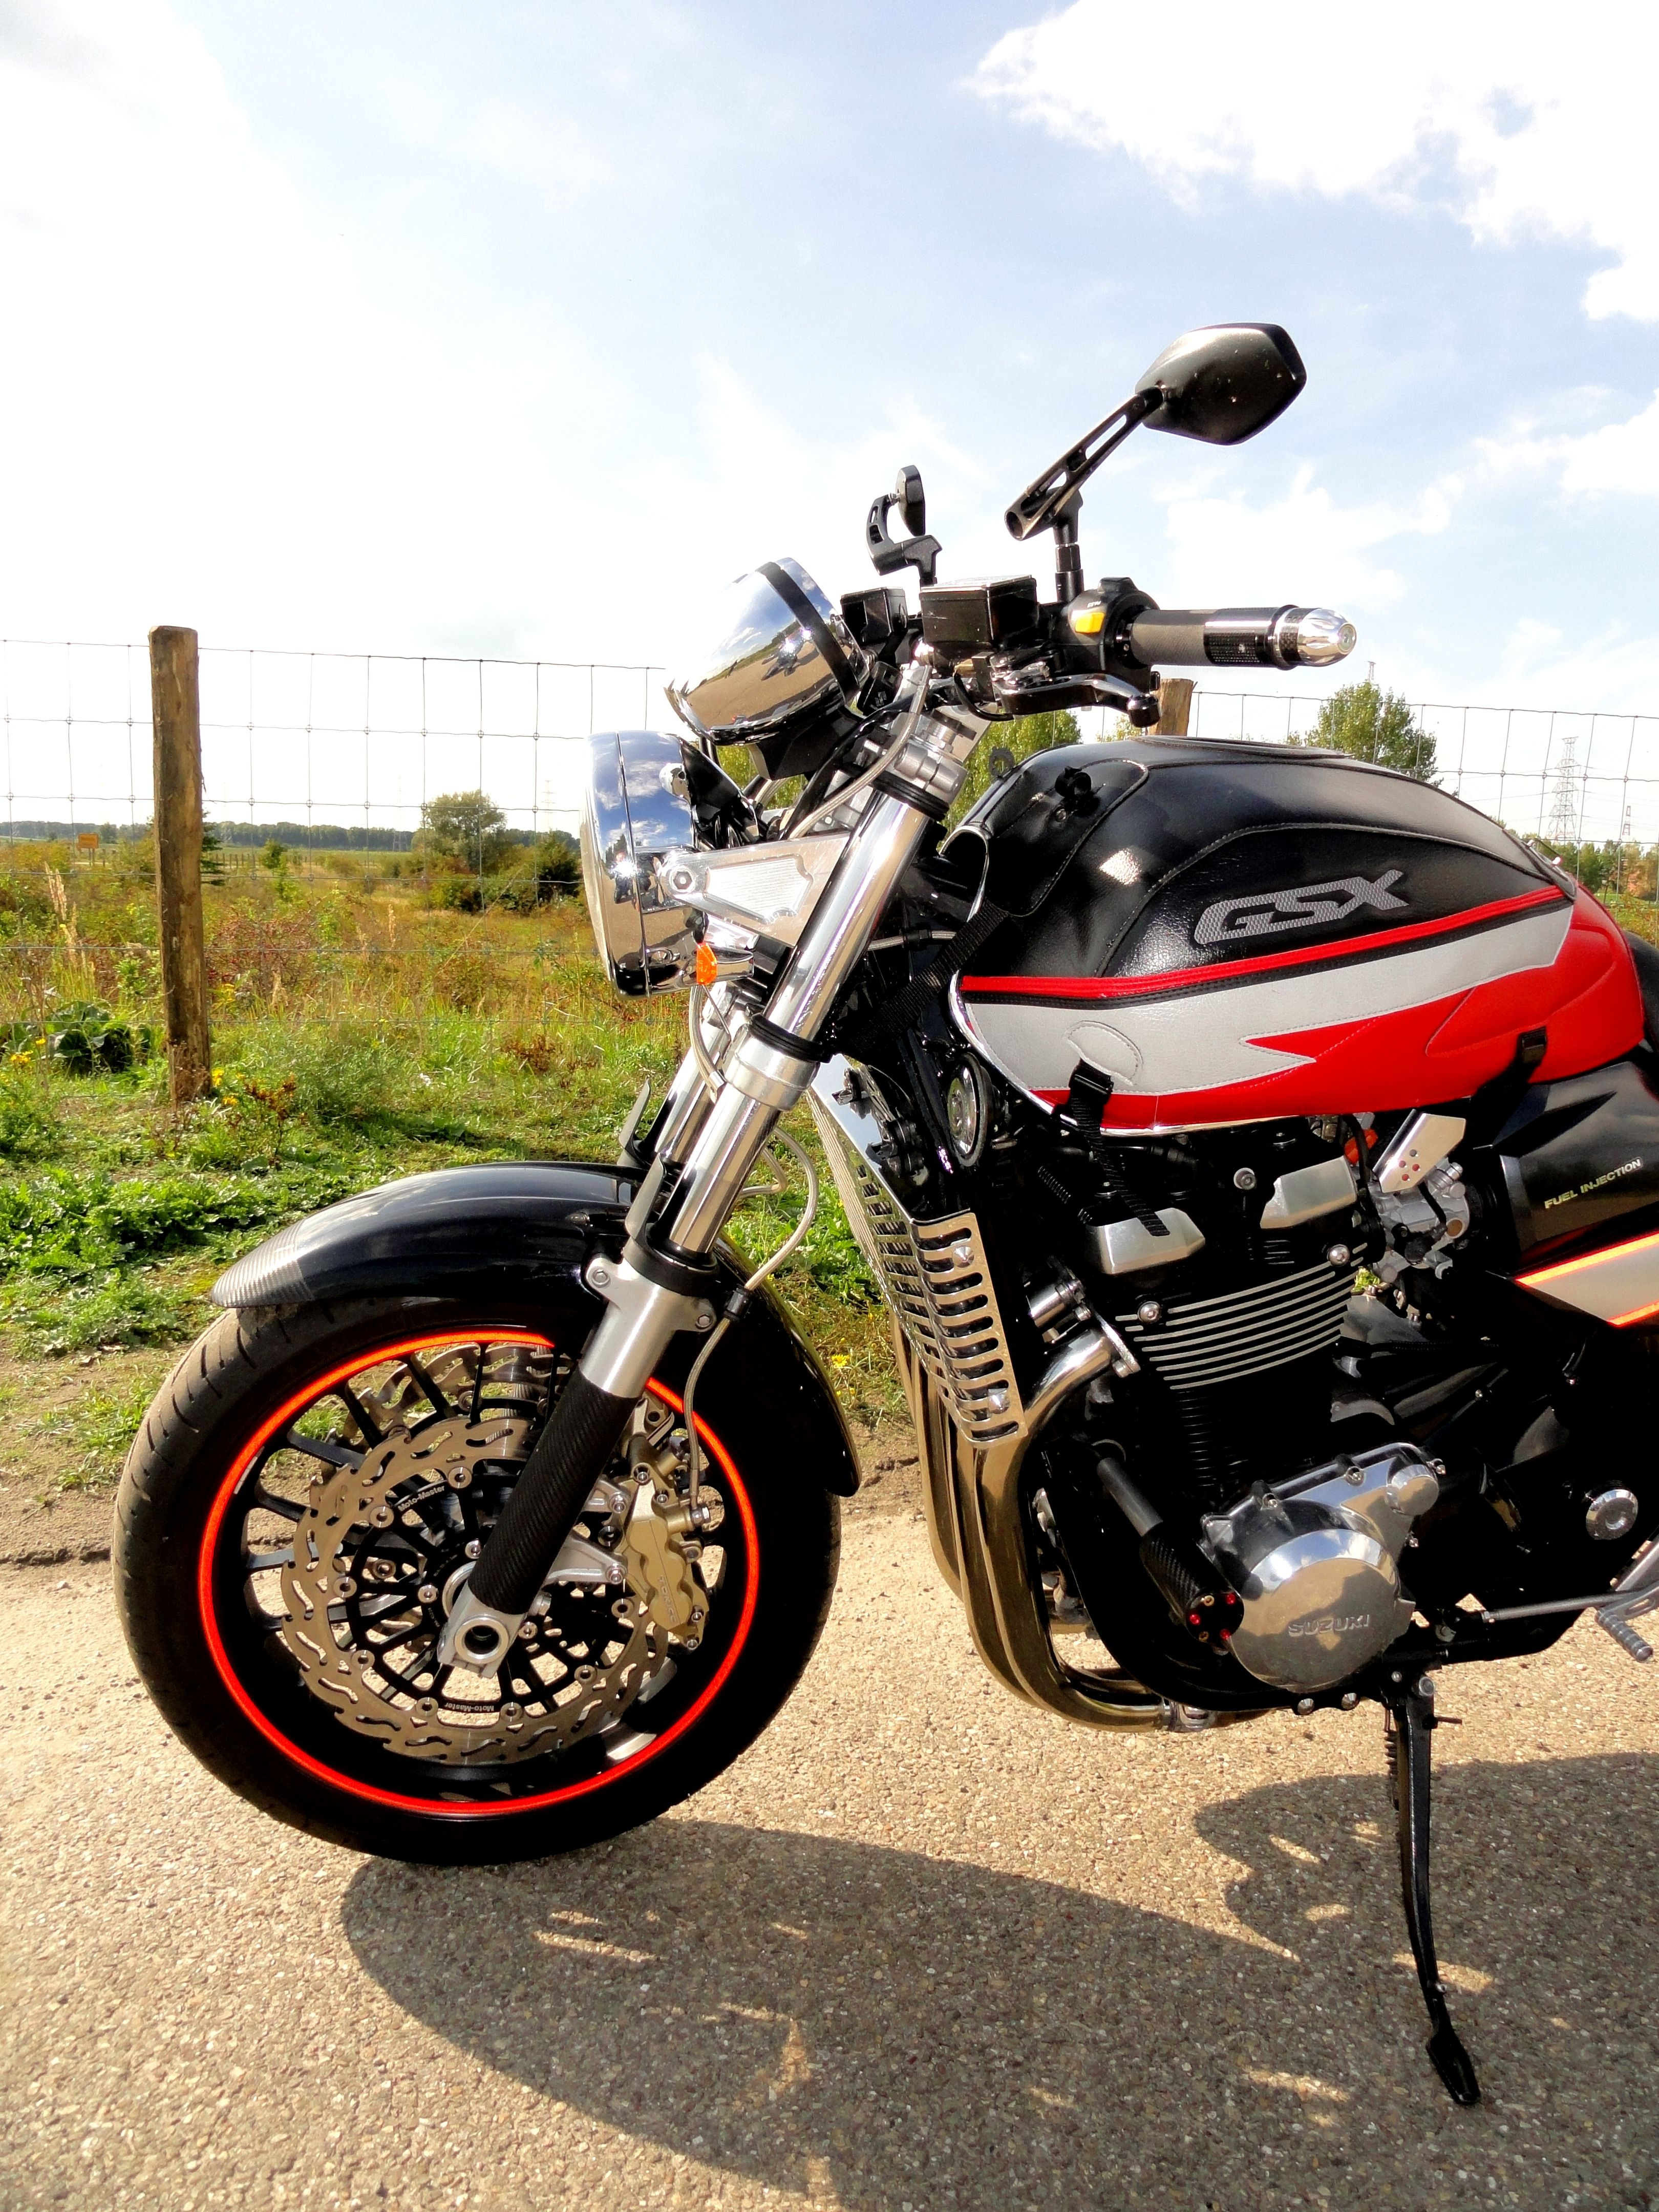 Pin by nikos fragiadoulakis on love moto | Suzuki gsx 750 ...